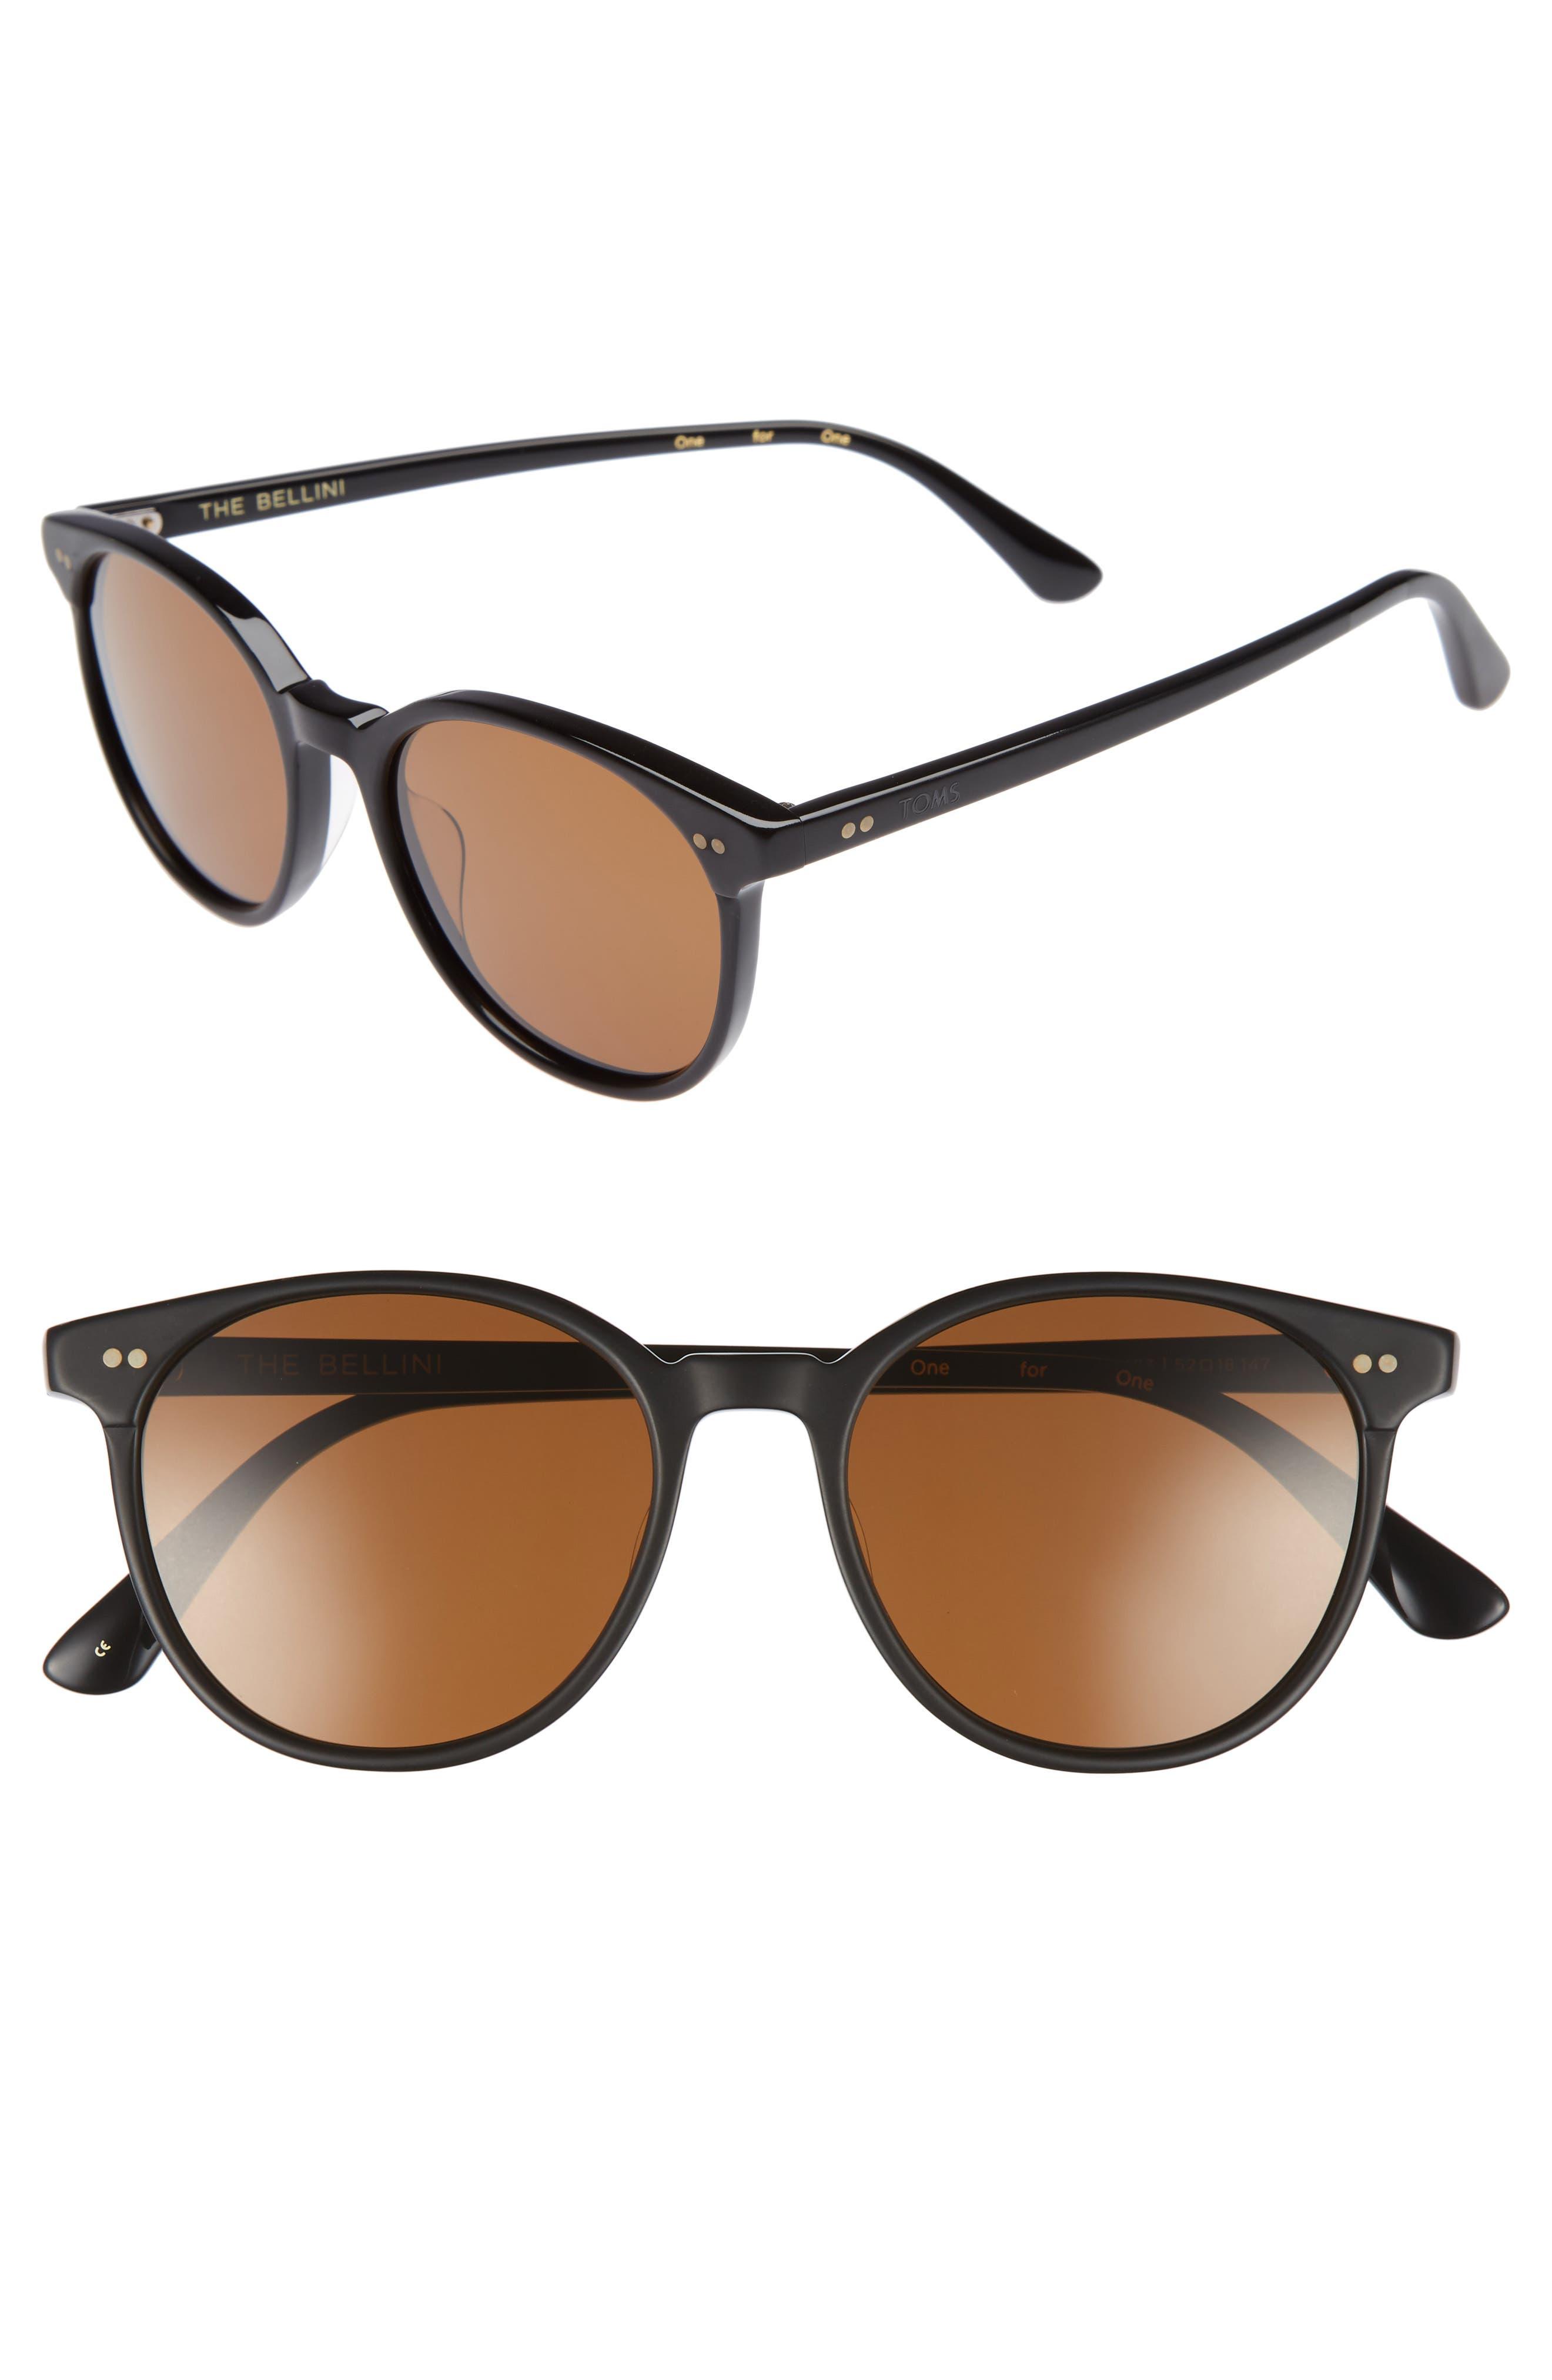 Bellini 52mm Sunglasses,                         Main,                         color, 001